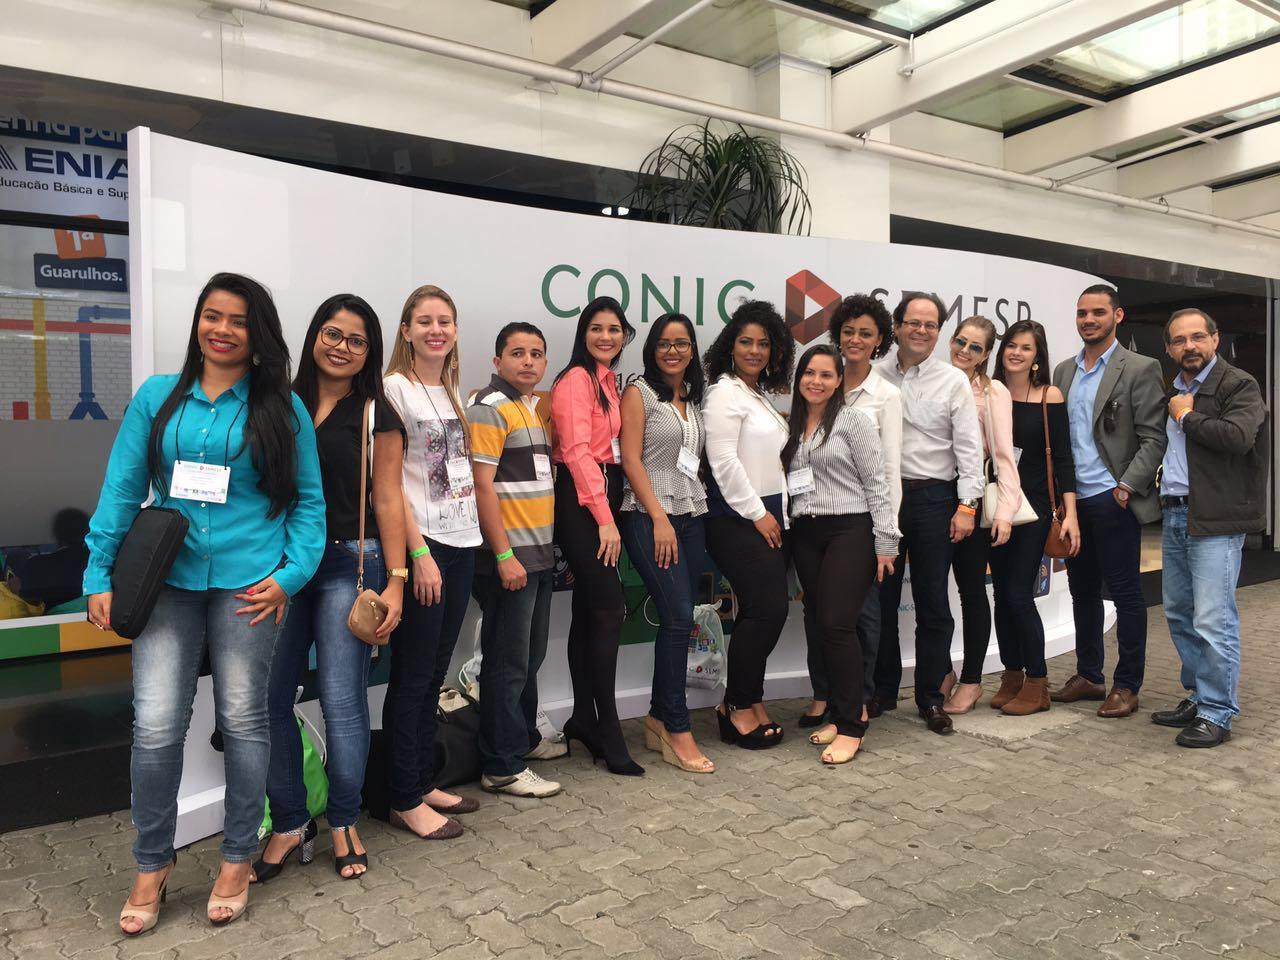 16 alunos apresentam artigos no CONIC